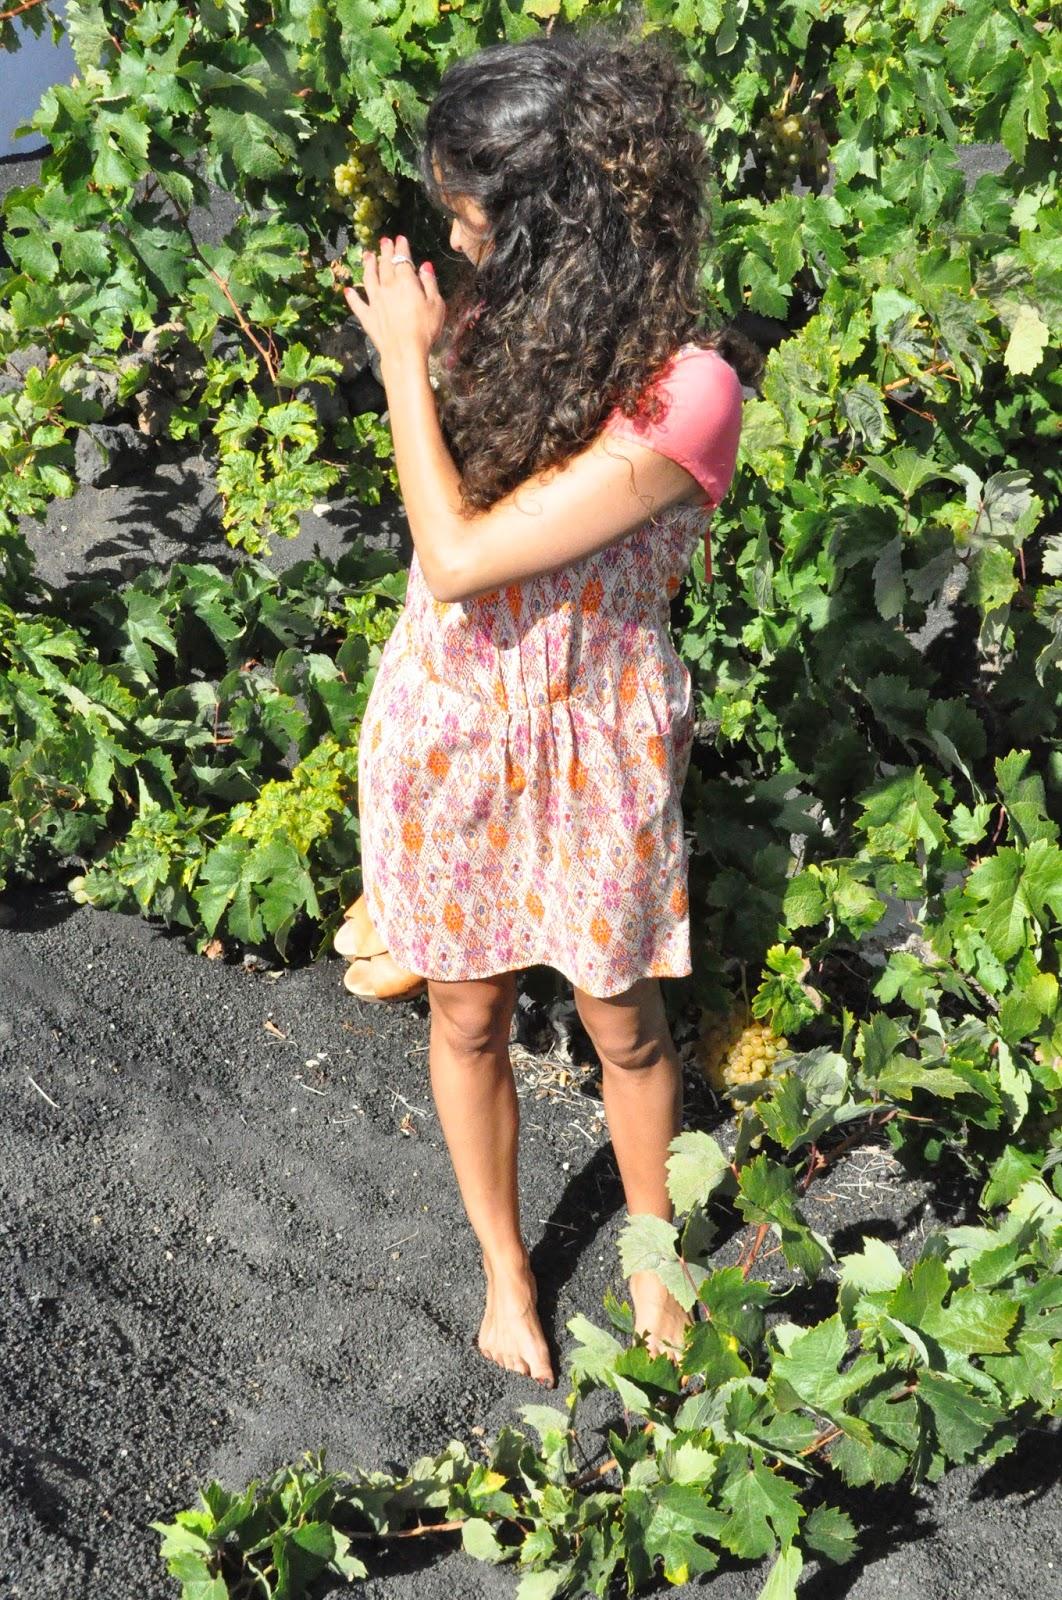 estoy de pie situada entre las viñas, mirando hacia un lado, se puede apreciar un racimo de uvas que roza el suelo